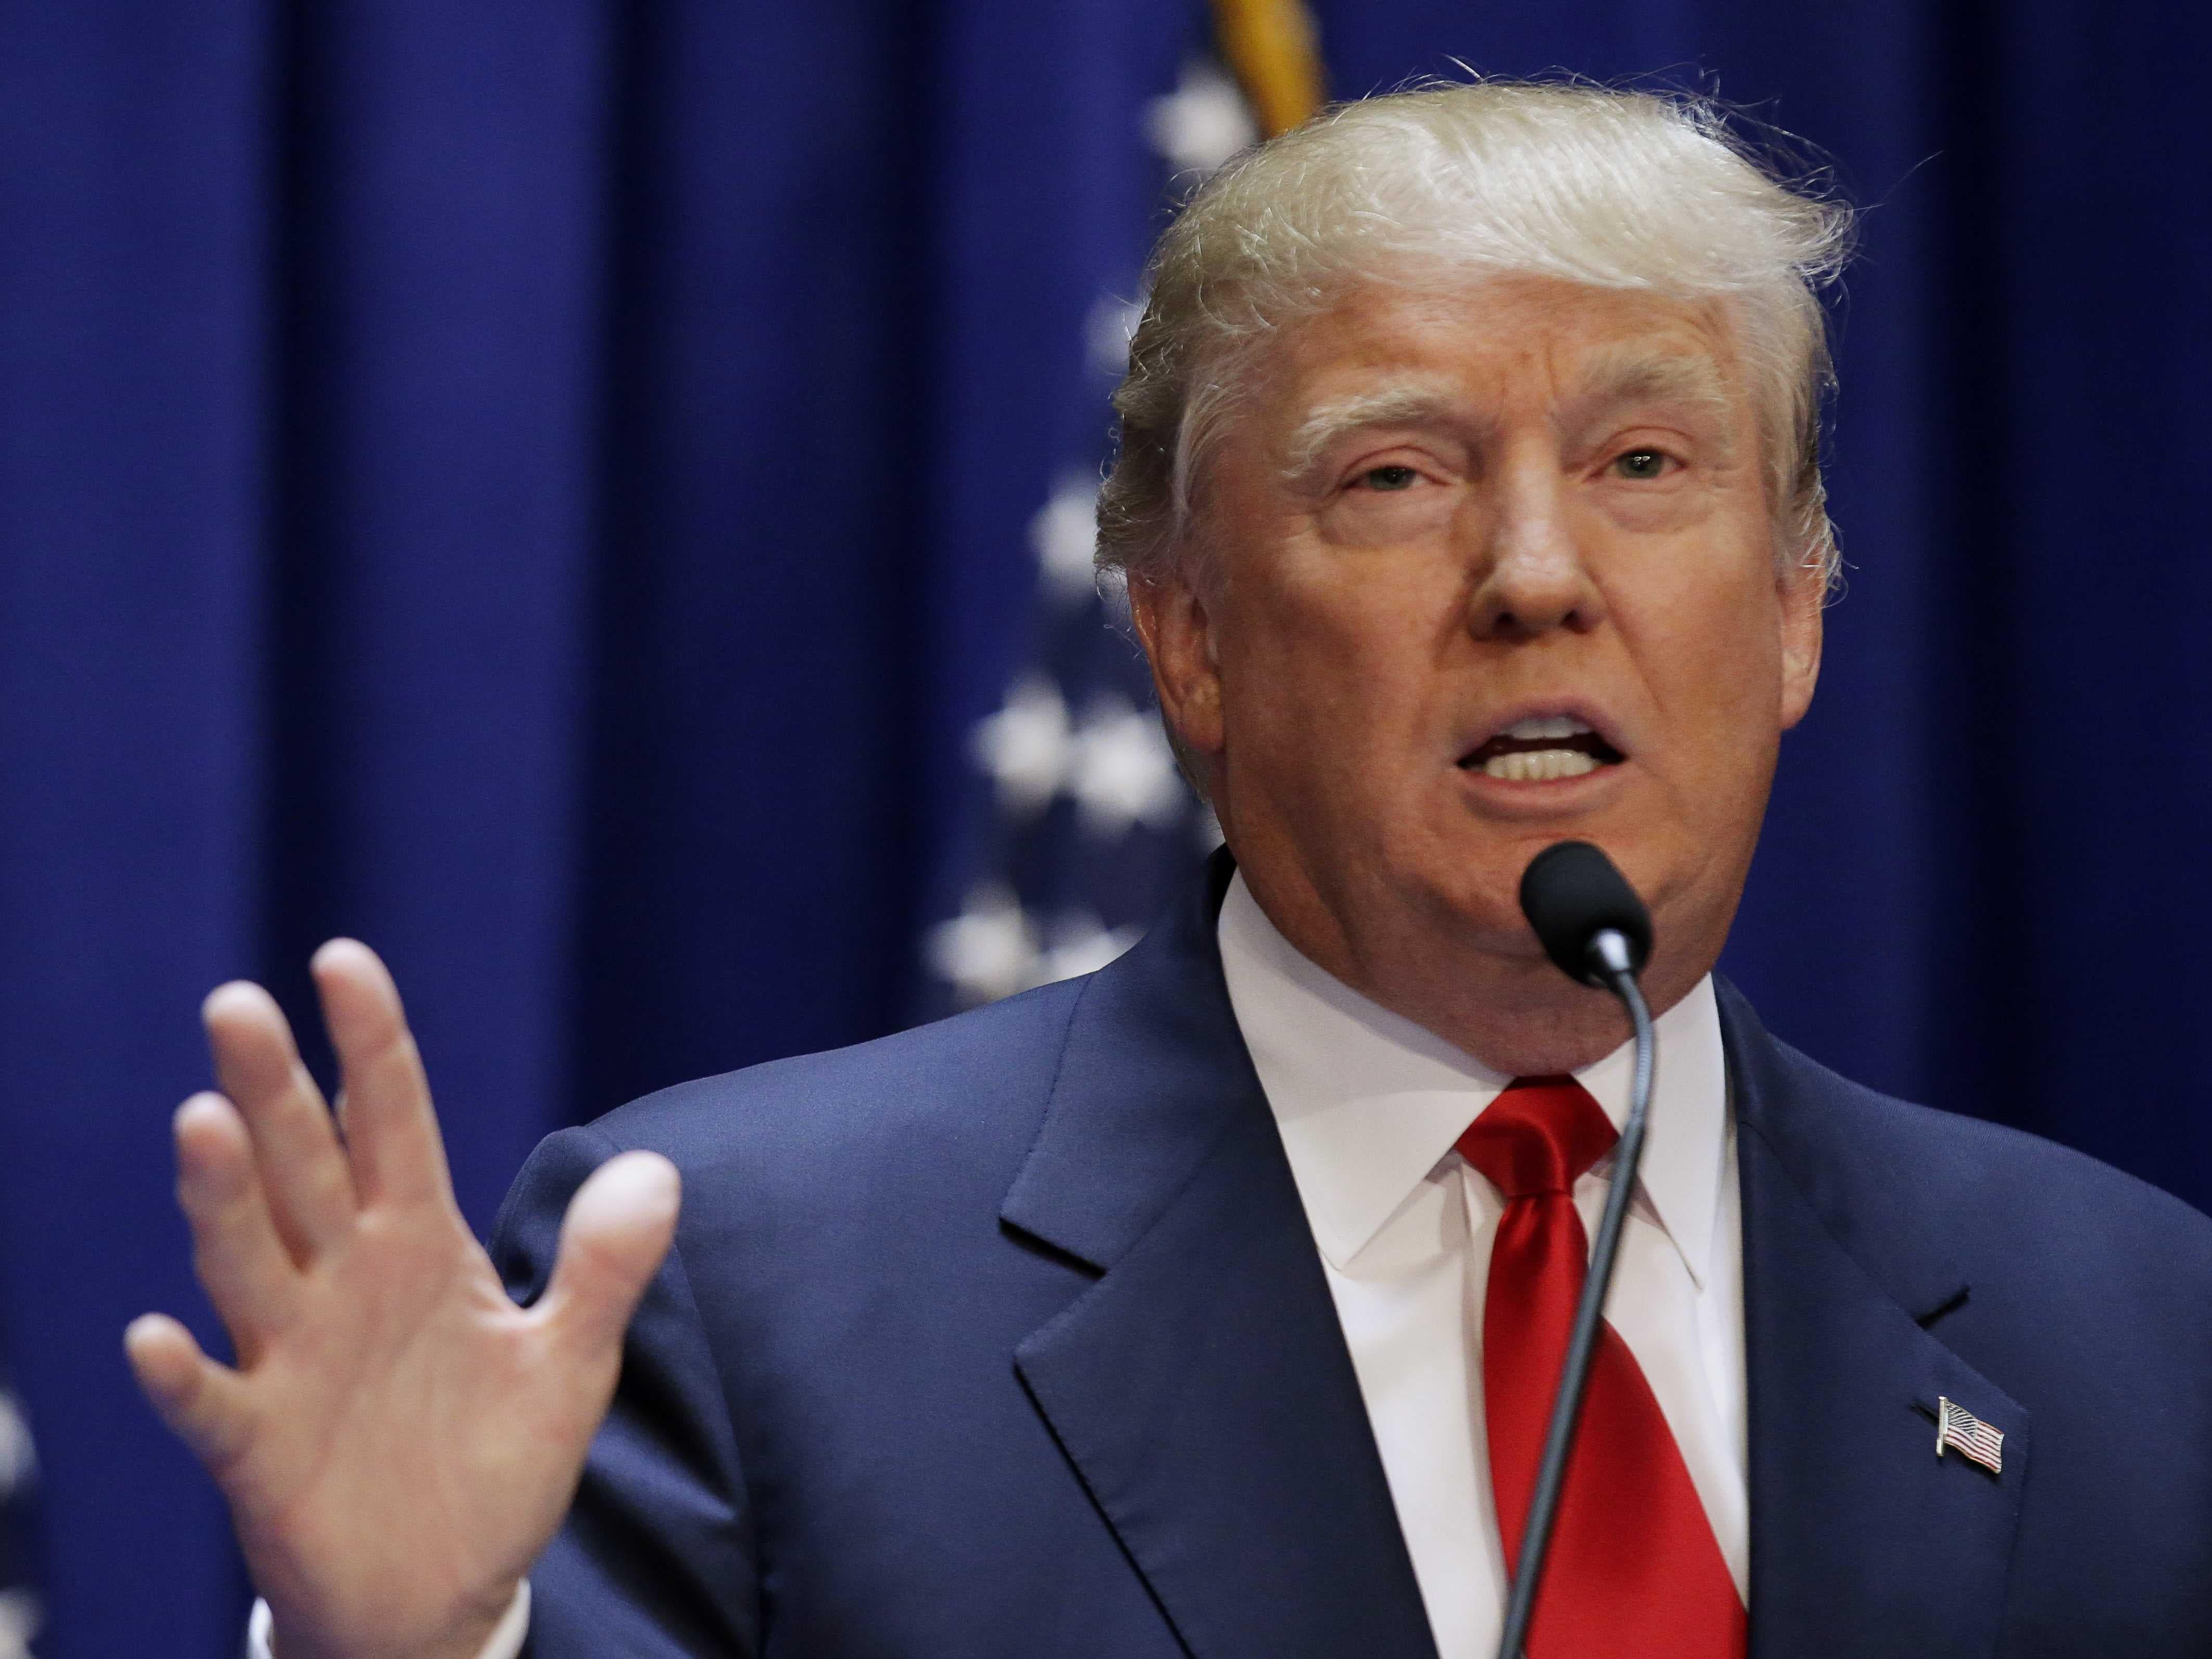 Donald Trump llama estúpido a Barack Obama